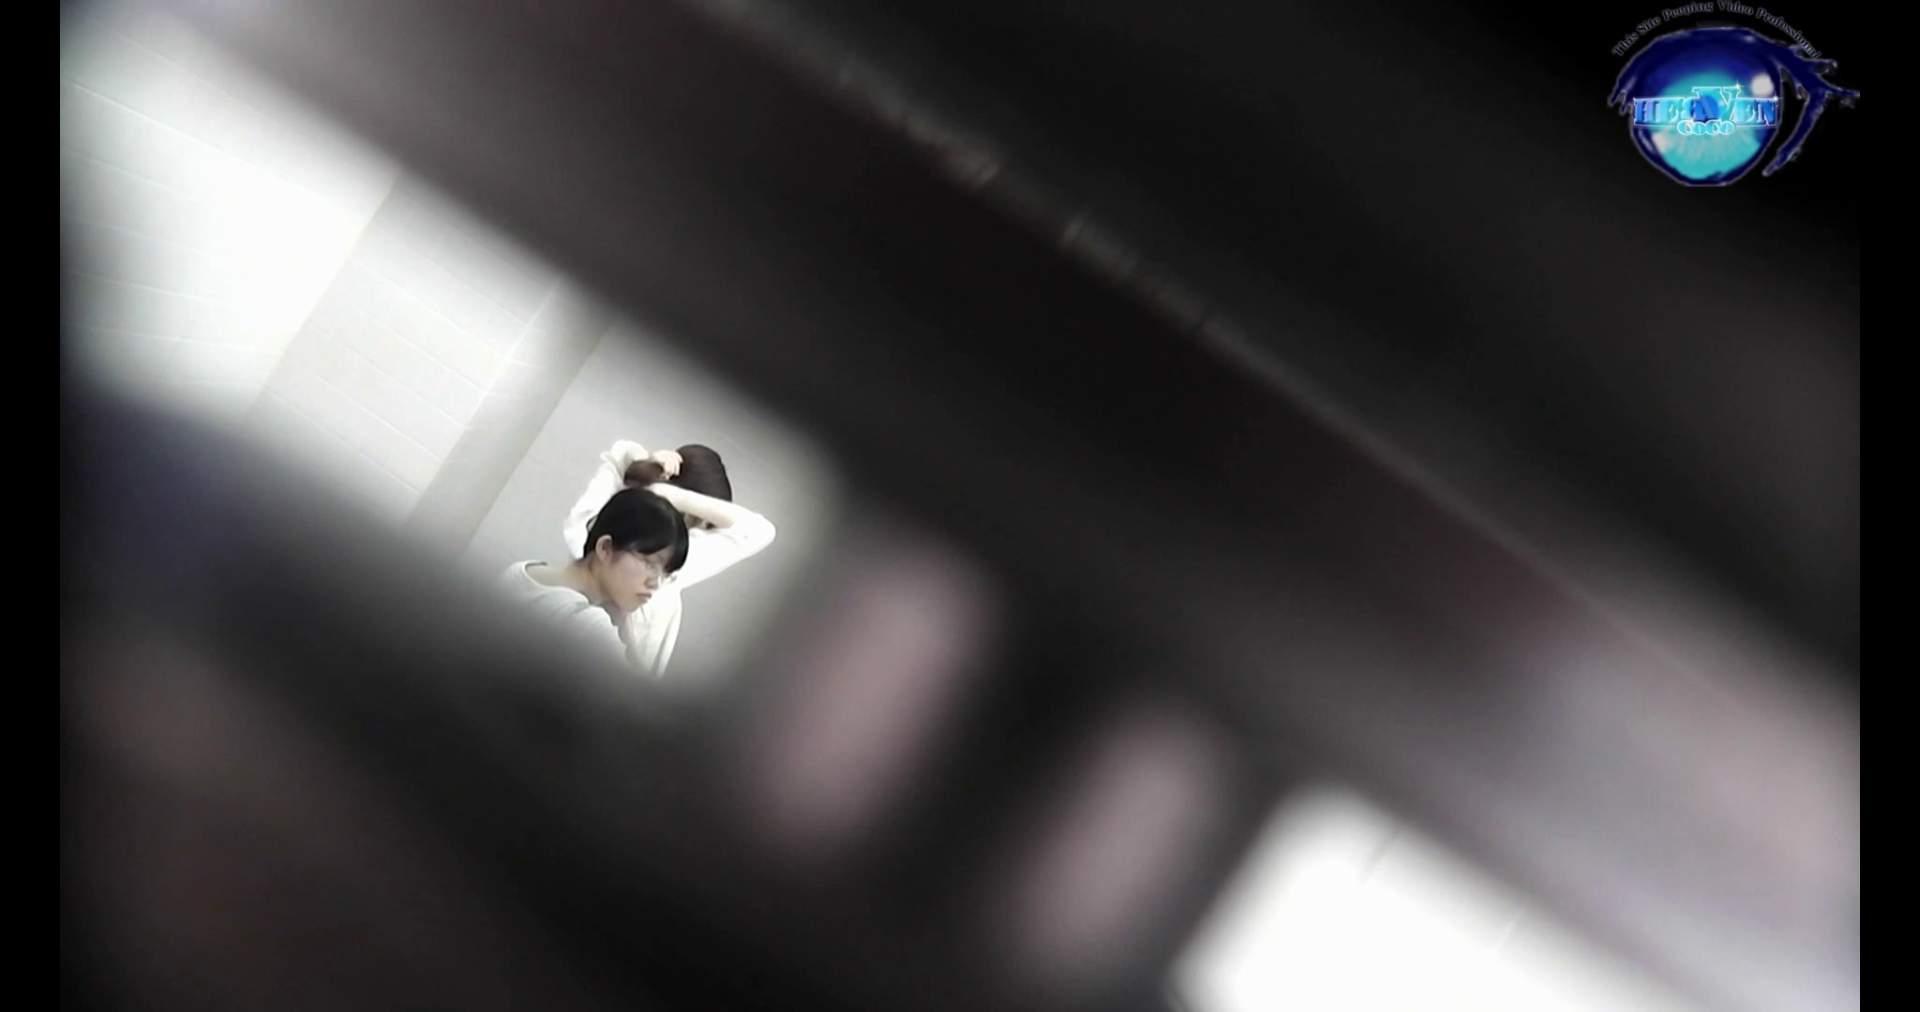 お銀さんの洗面所突入レポート!!vol.72 あのかわいい子がついフロント撮り実演 洗面所編 | バックショット  100PIX 27